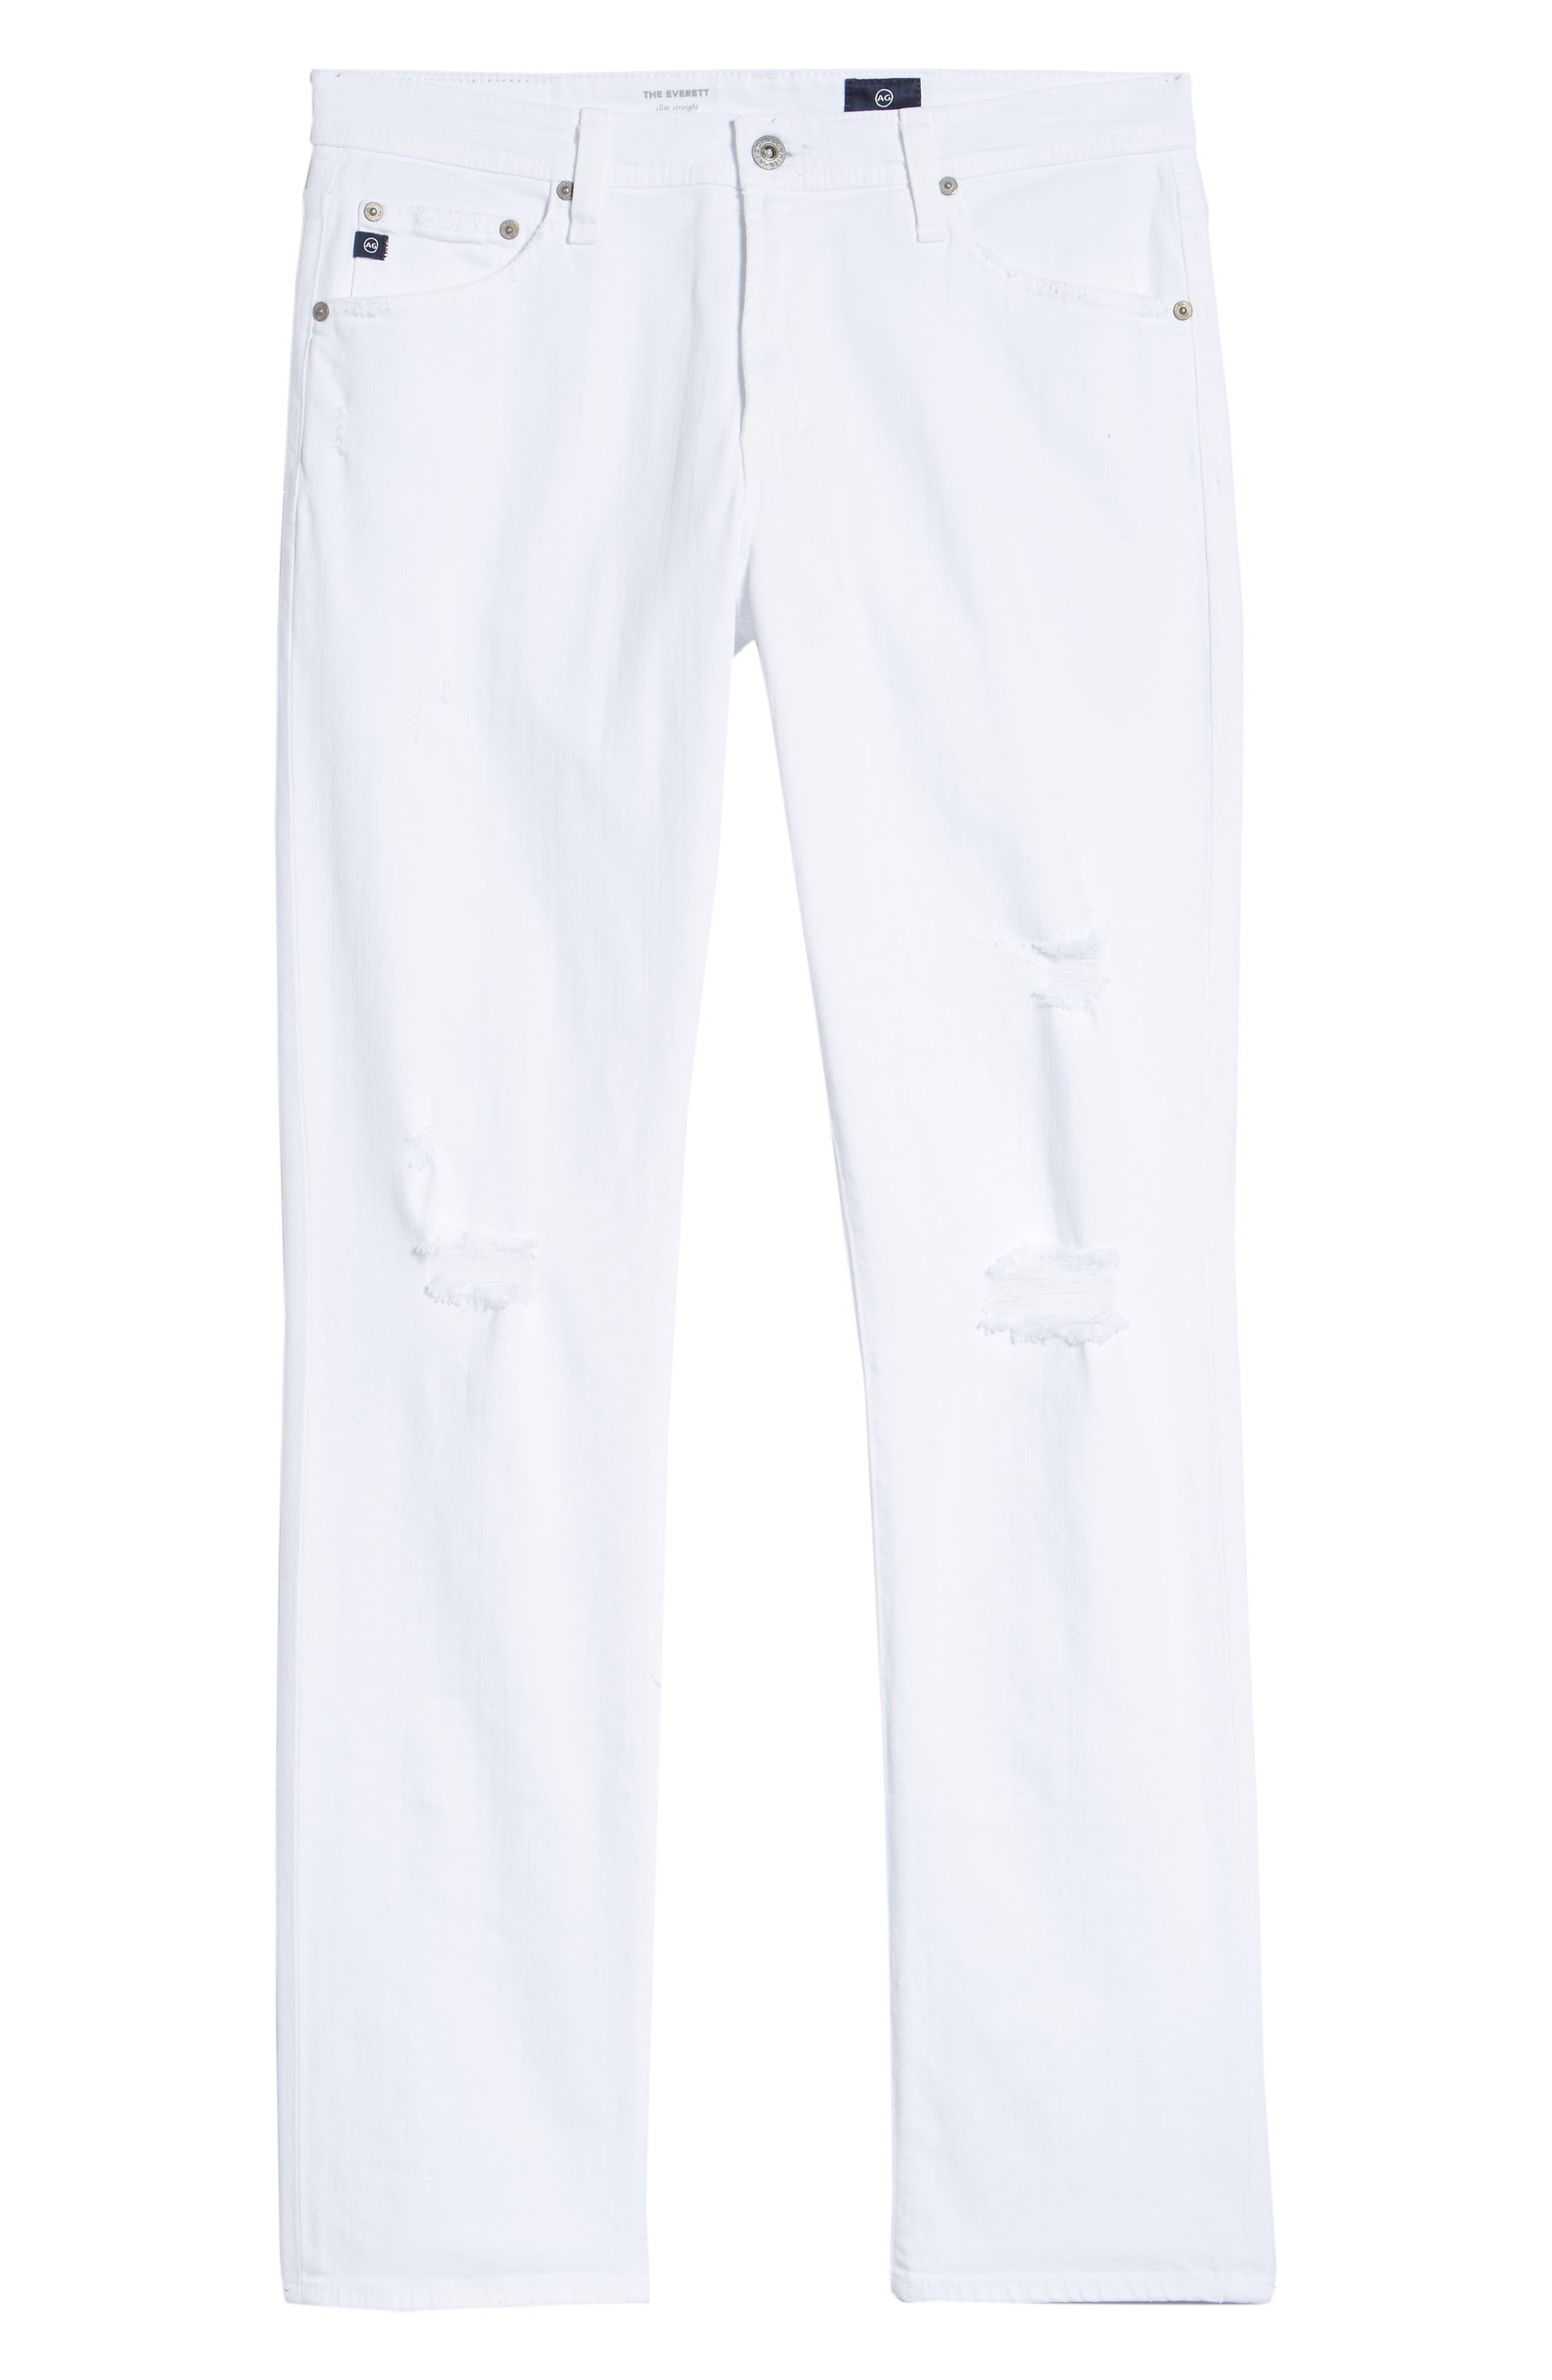 Everett Slim Straight Leg Jeans,                             Alternate thumbnail 6, color,                             129